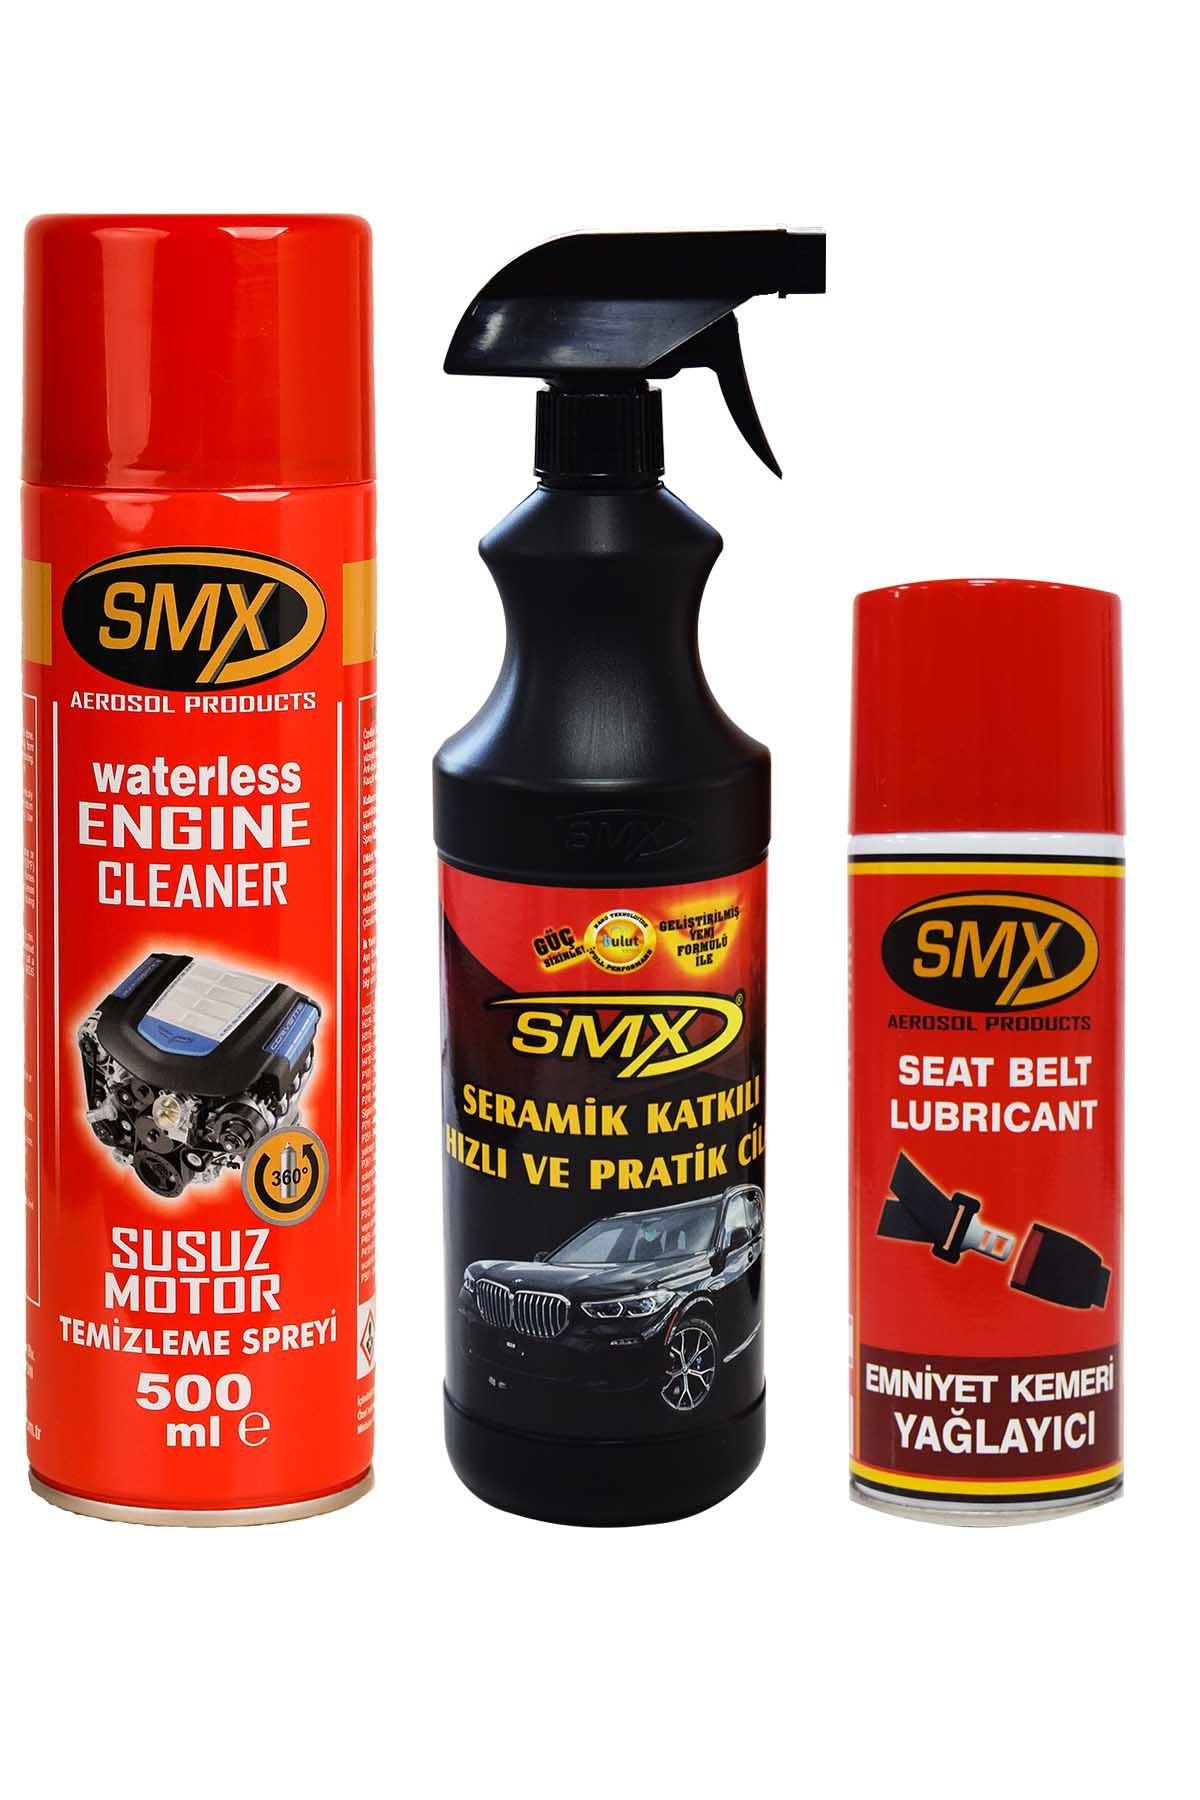 SMX Susuz Motor Temizleme Spreyi / Emniyet Kemeri Yağlayıcı / Seramik Cila / Hızlı Cila / Pratik Cila